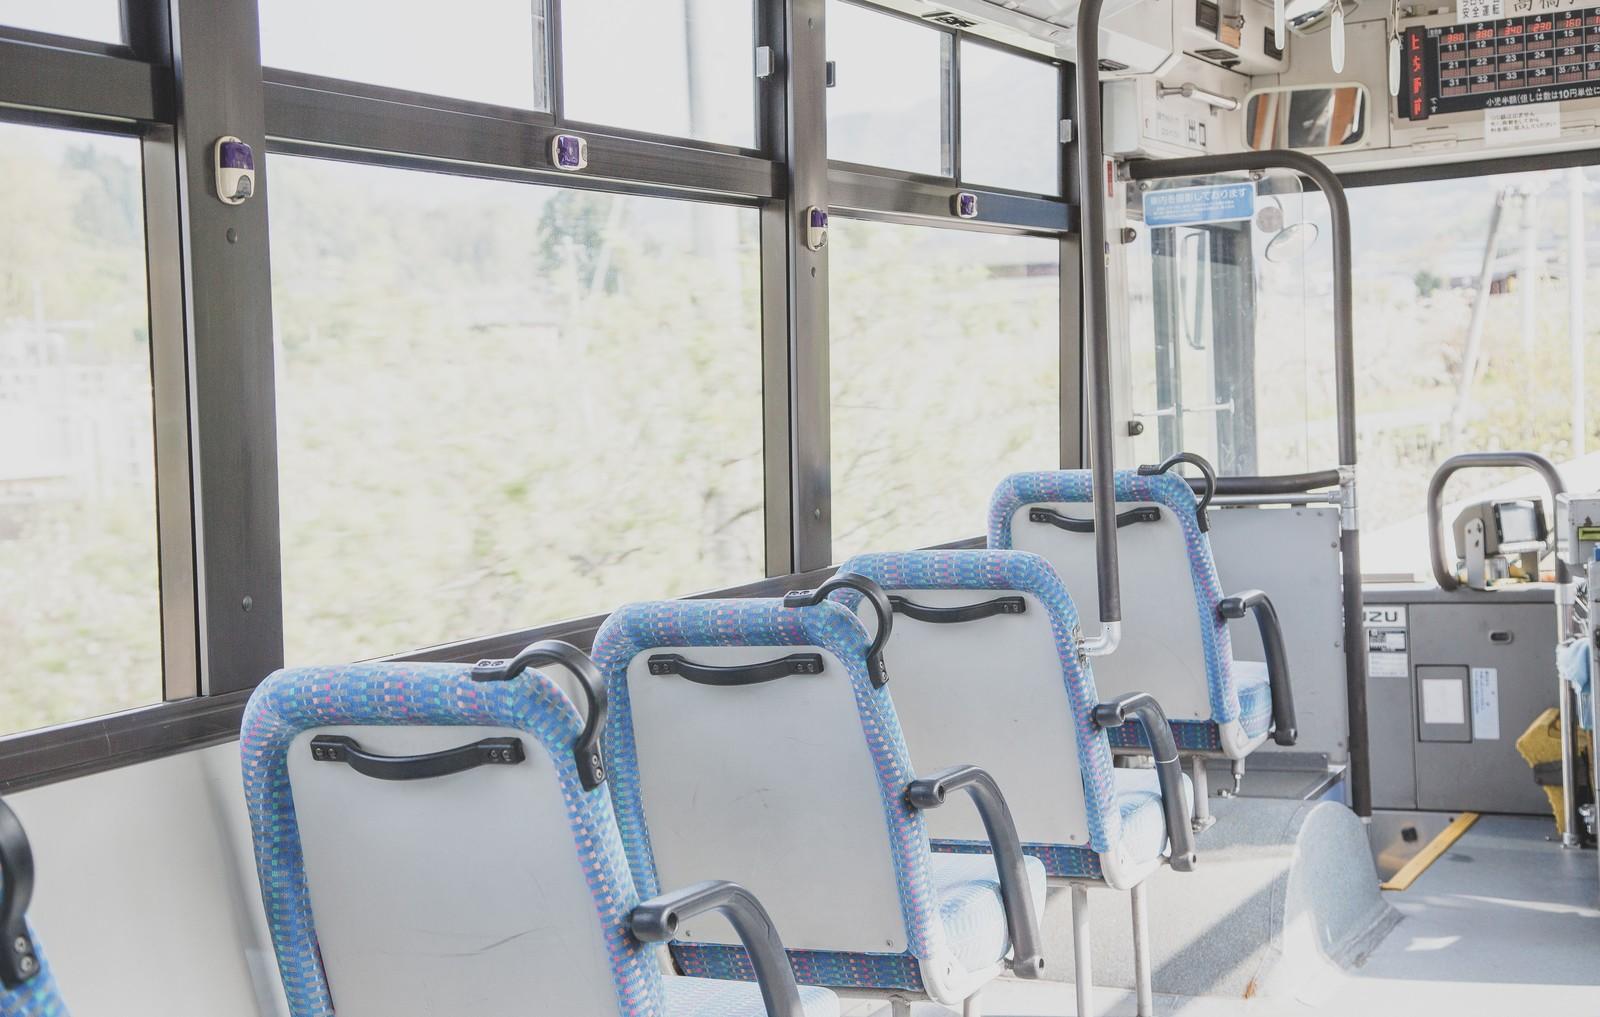 お客さまを増やしたければ、非顧客に聞け!地方路線バス会社復活の秘密に迫る